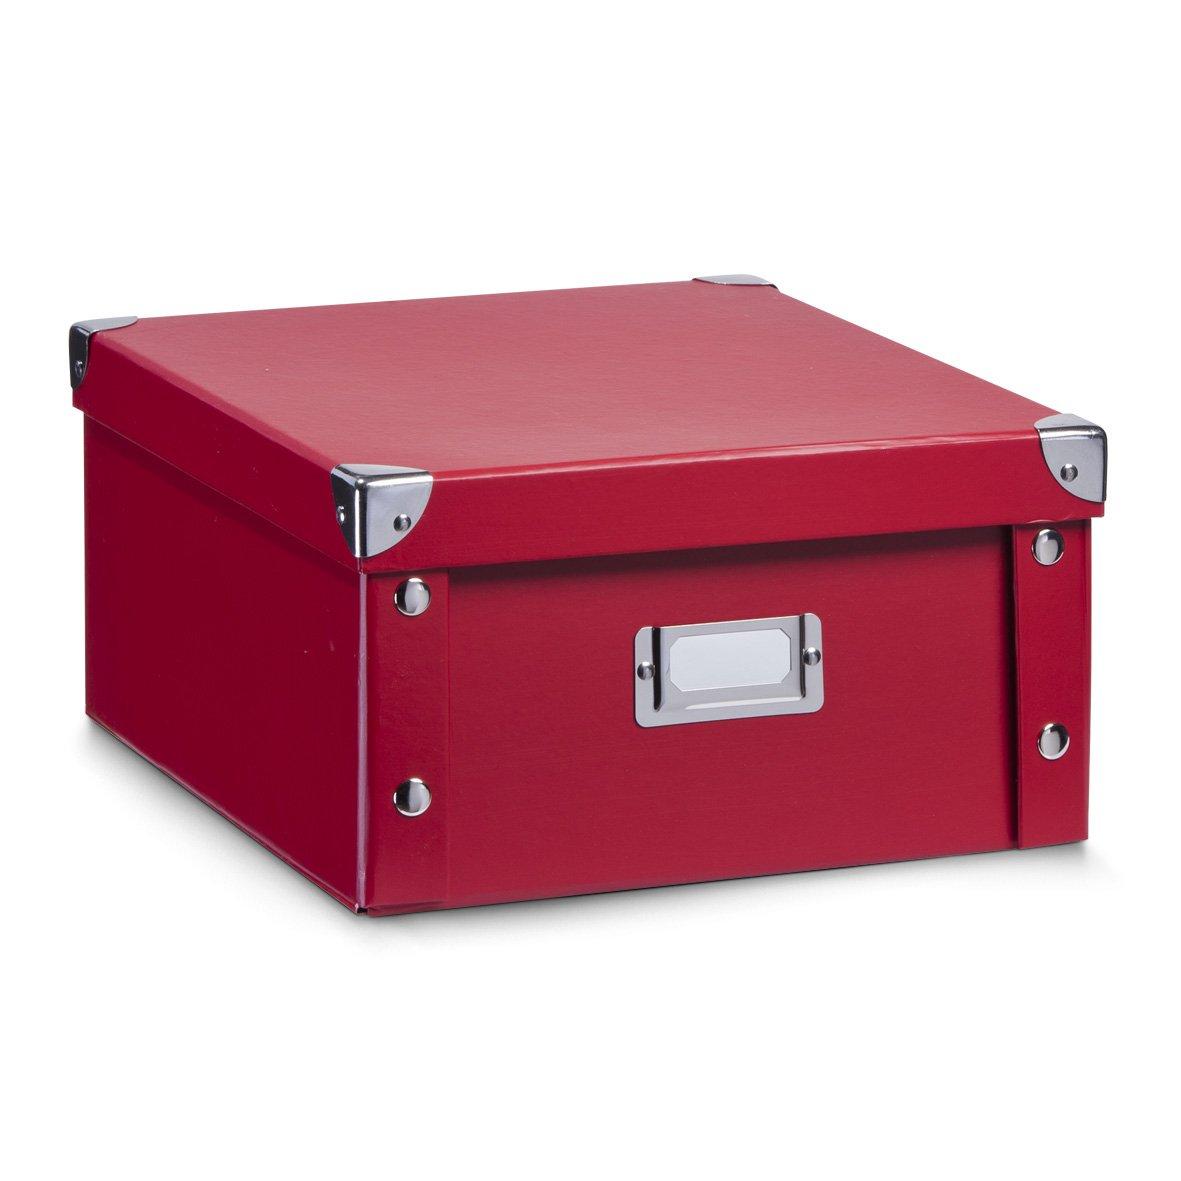 Zeller 17917 Caja de almacenaje de cartón Rojo (Rot) 31 x 26 x 14 cm: Amazon.es: Hogar